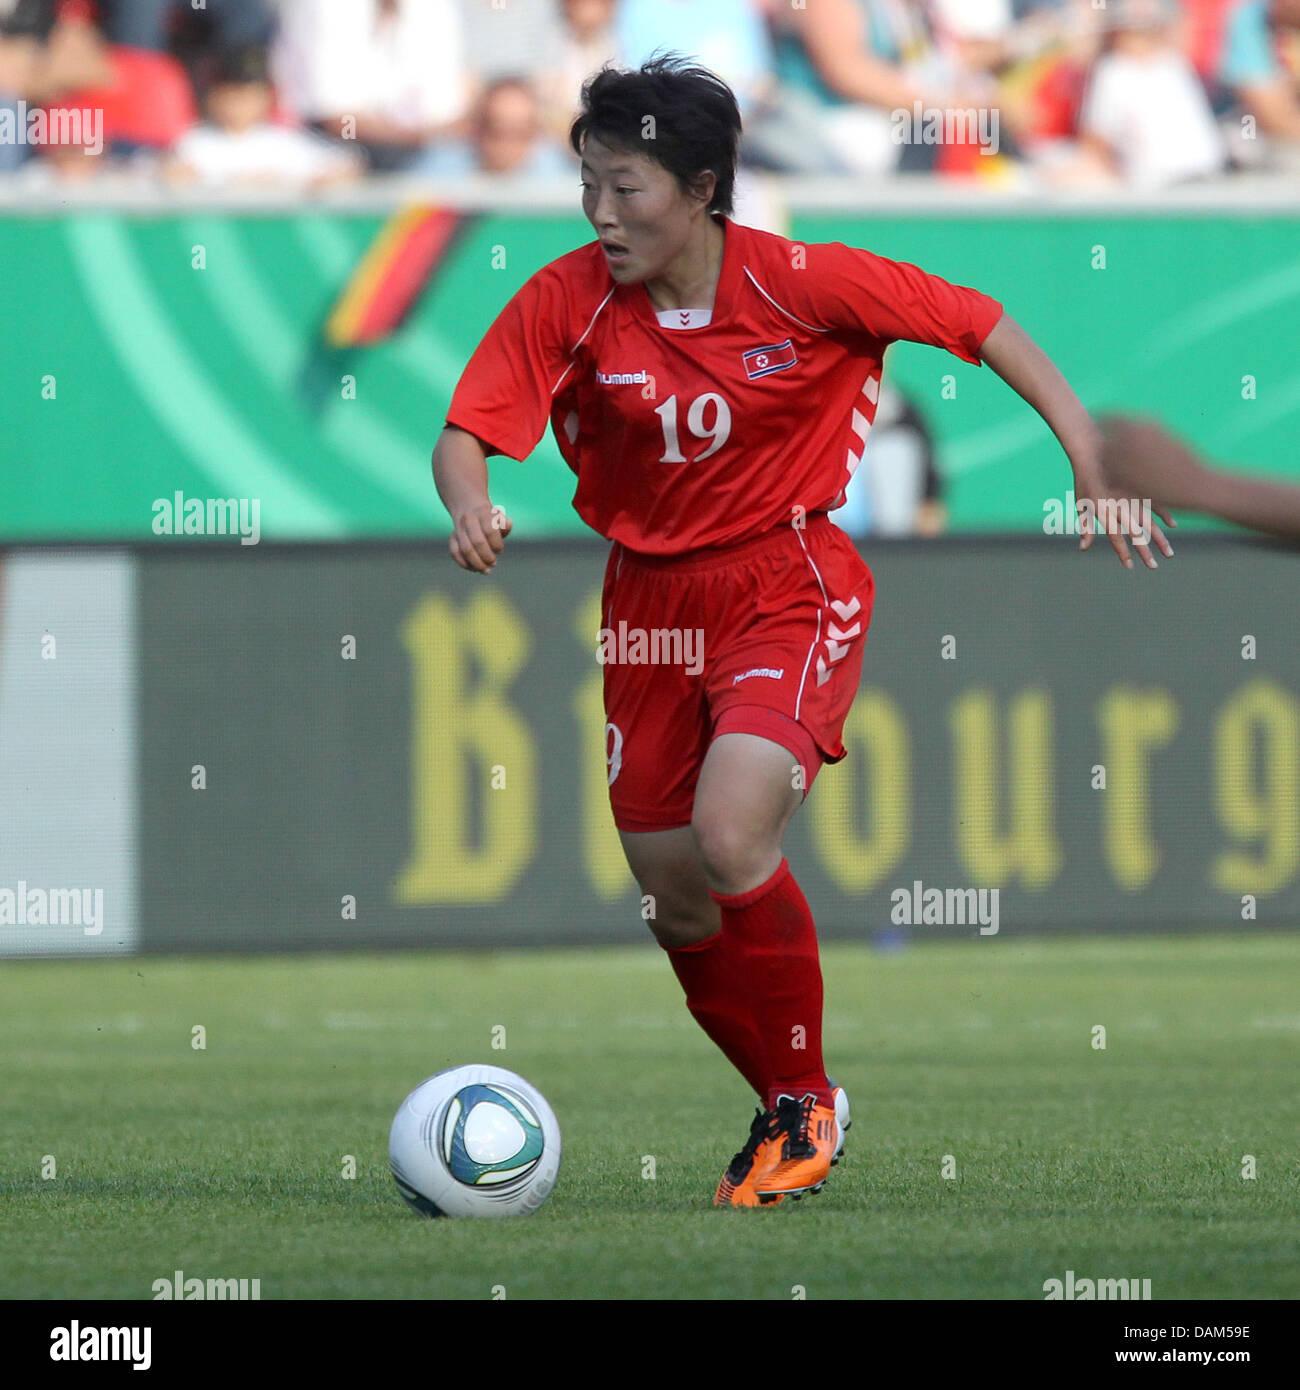 Professionnel de la Corée du Nord Mi Gyong Choe contrôle le ballon au Women's international match Photo Stock